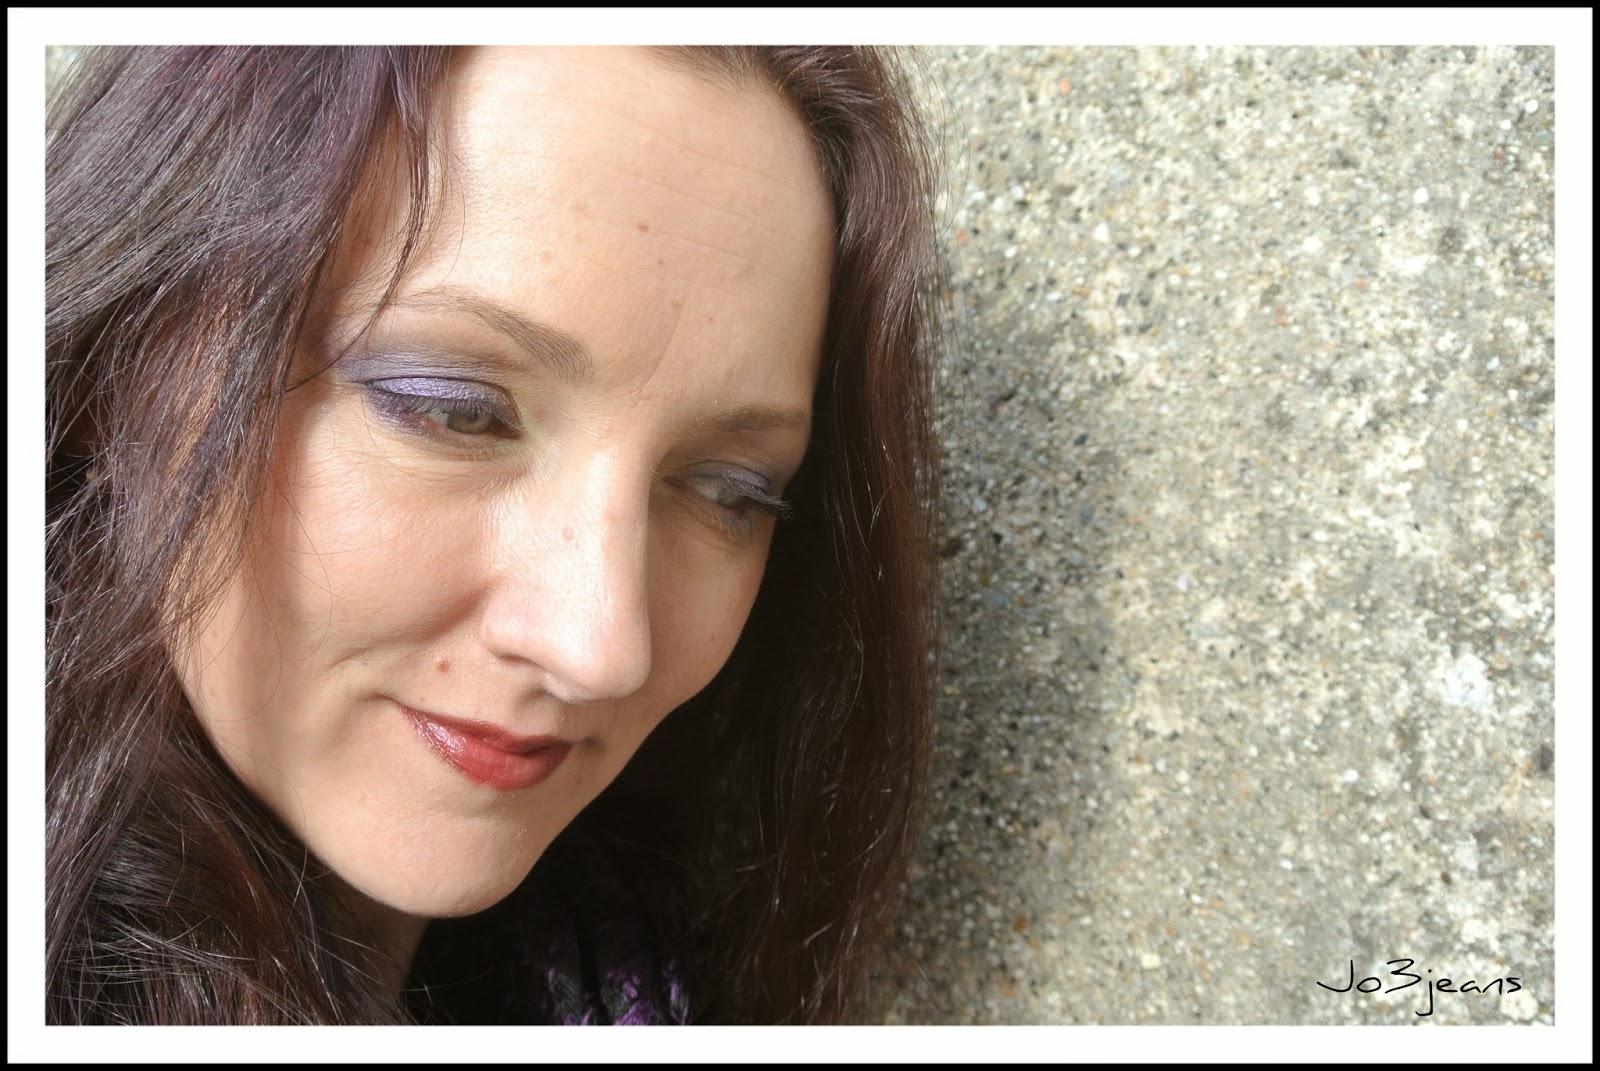 Jo3jeans mon love makeup bo ho concours et loup d 39 amour dedans - 35 ans de mariage noces de quoi ...